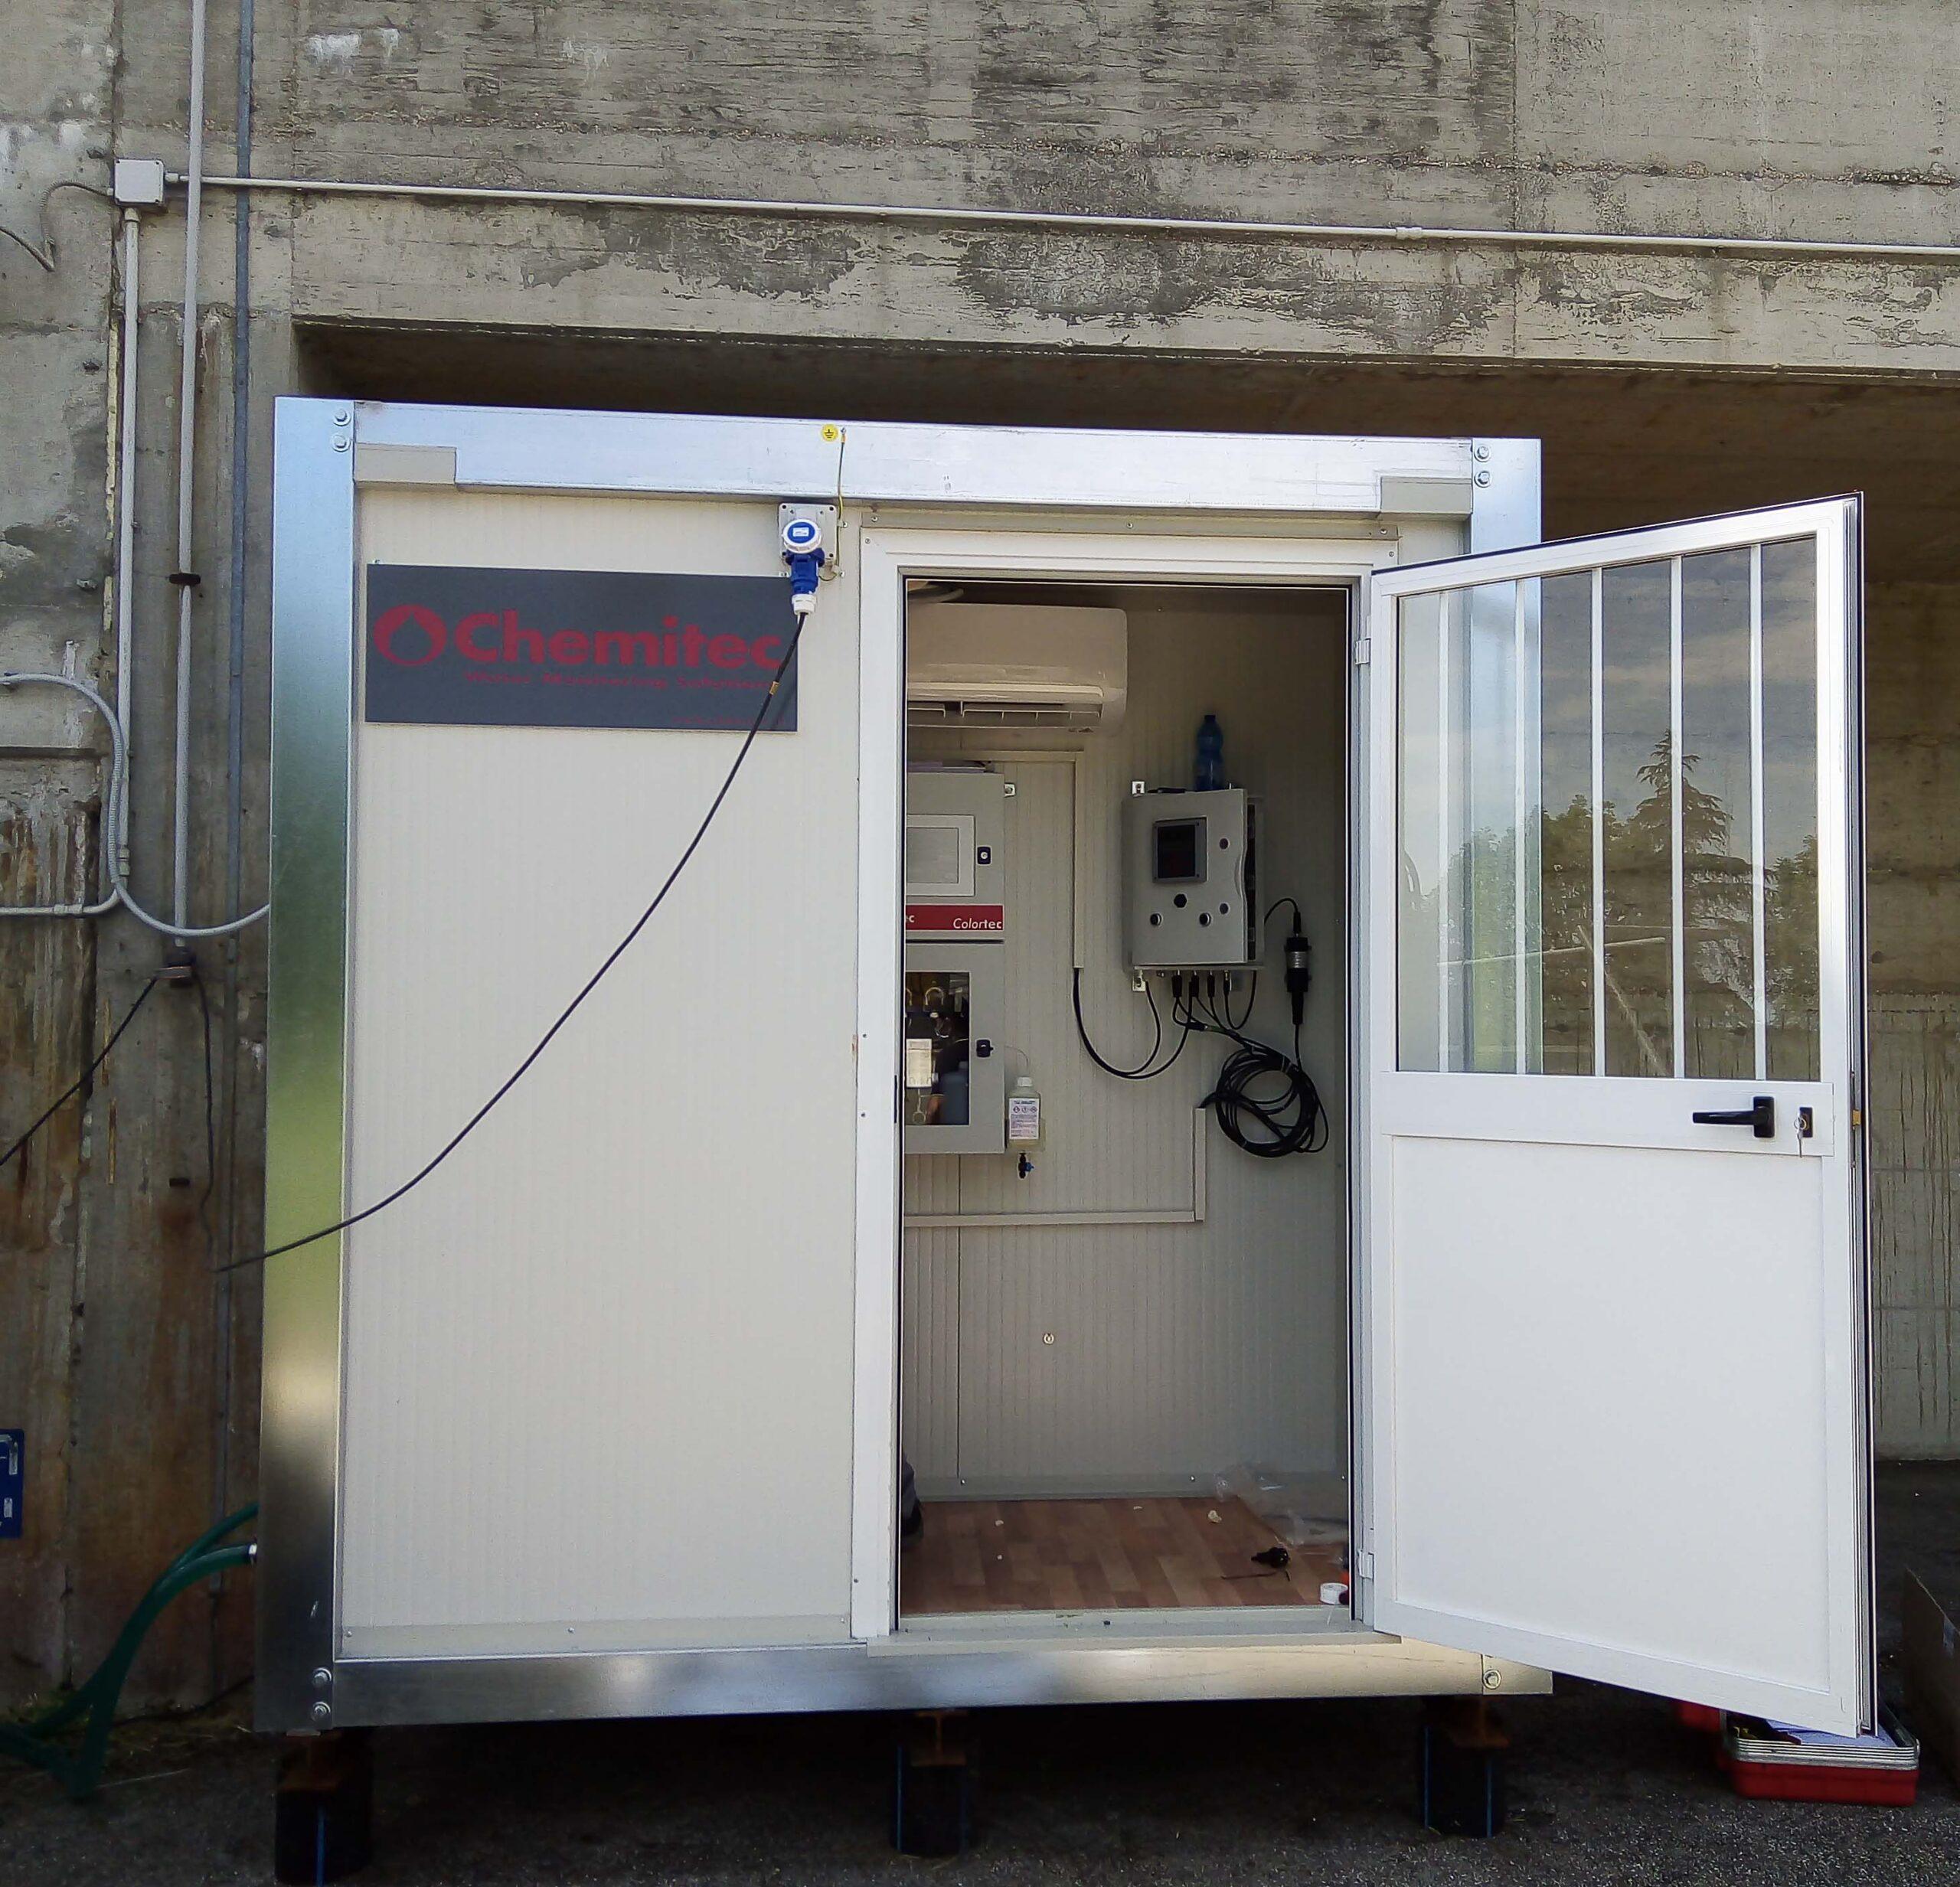 Container strumentato per il monitoraggio della qualità delle acque reflue trattate / Container equipped with probes and instruments for treated wastewater quality monitoring